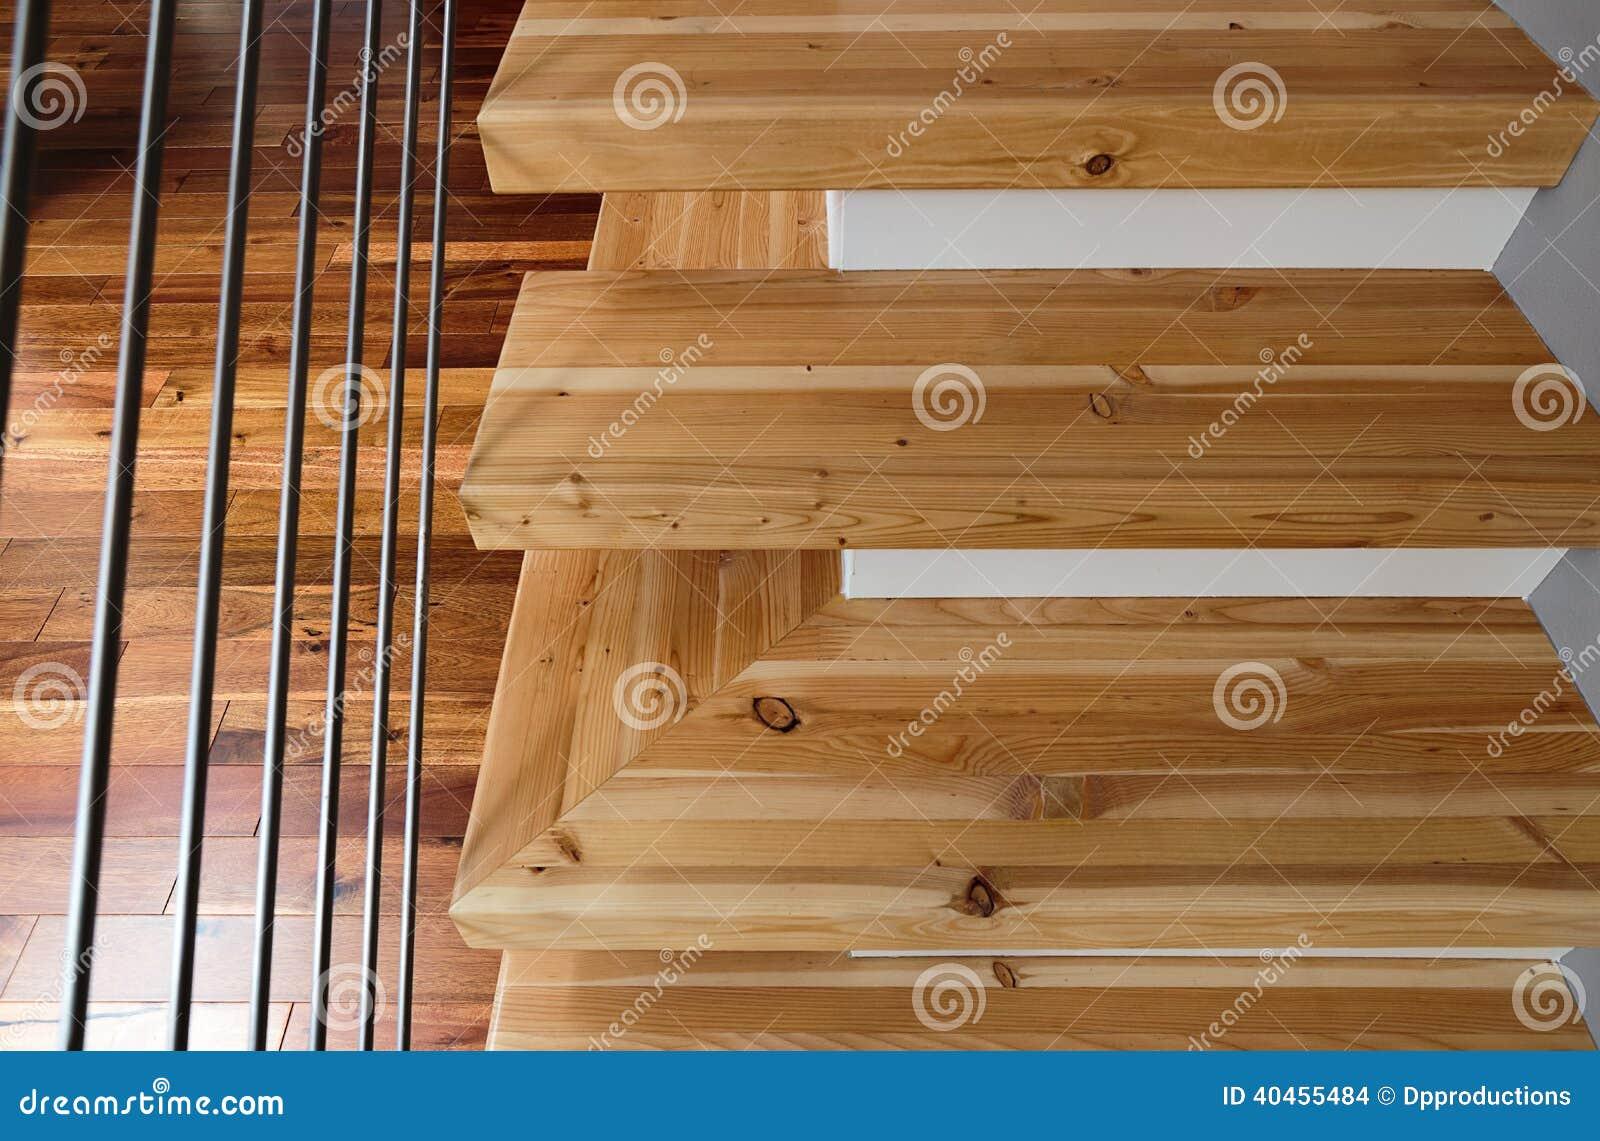 Tiro abstracto de escaleras de madera modernas foto de archivo imagen de wooden construido - Escaleras de madera modernas ...